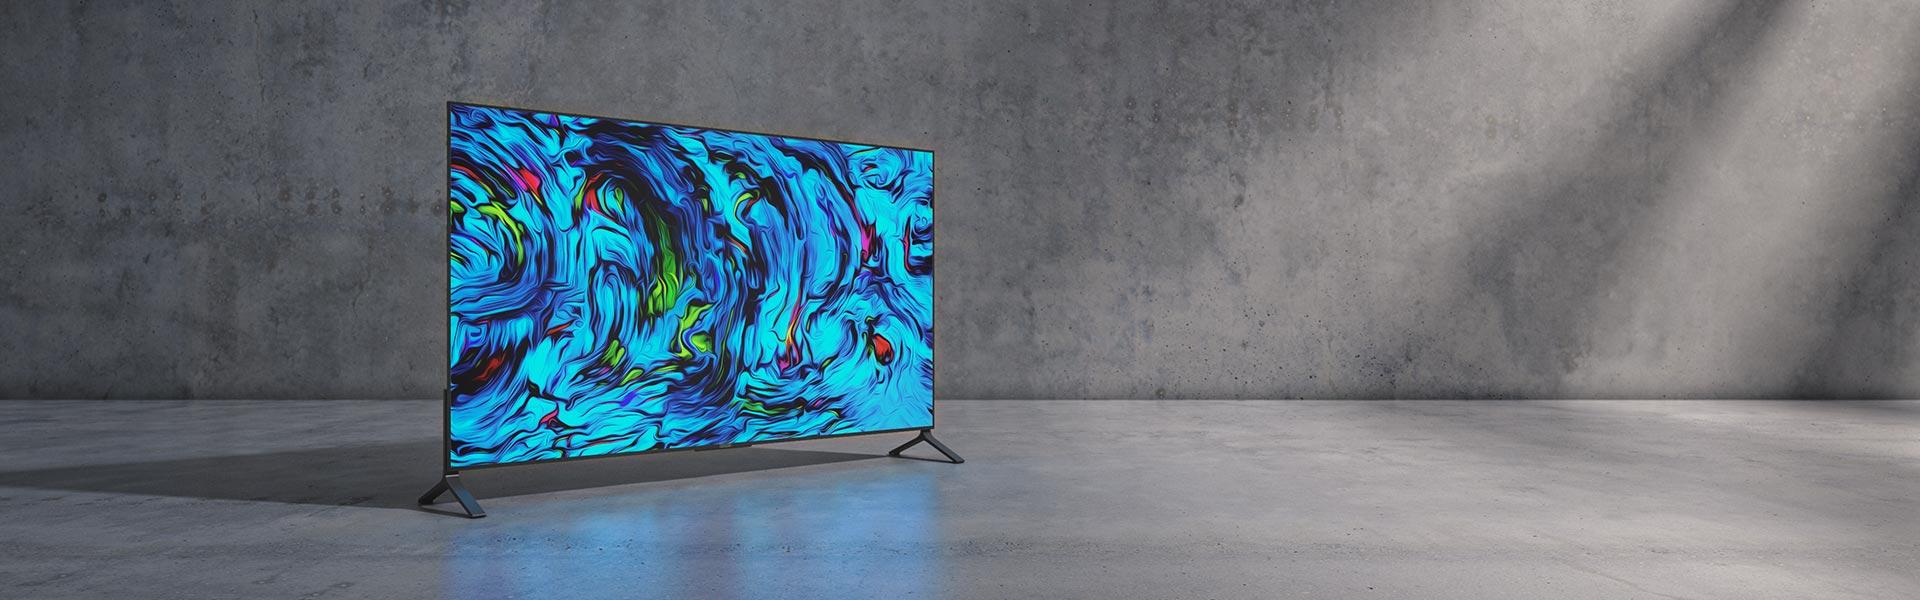 TV 3D Rendering